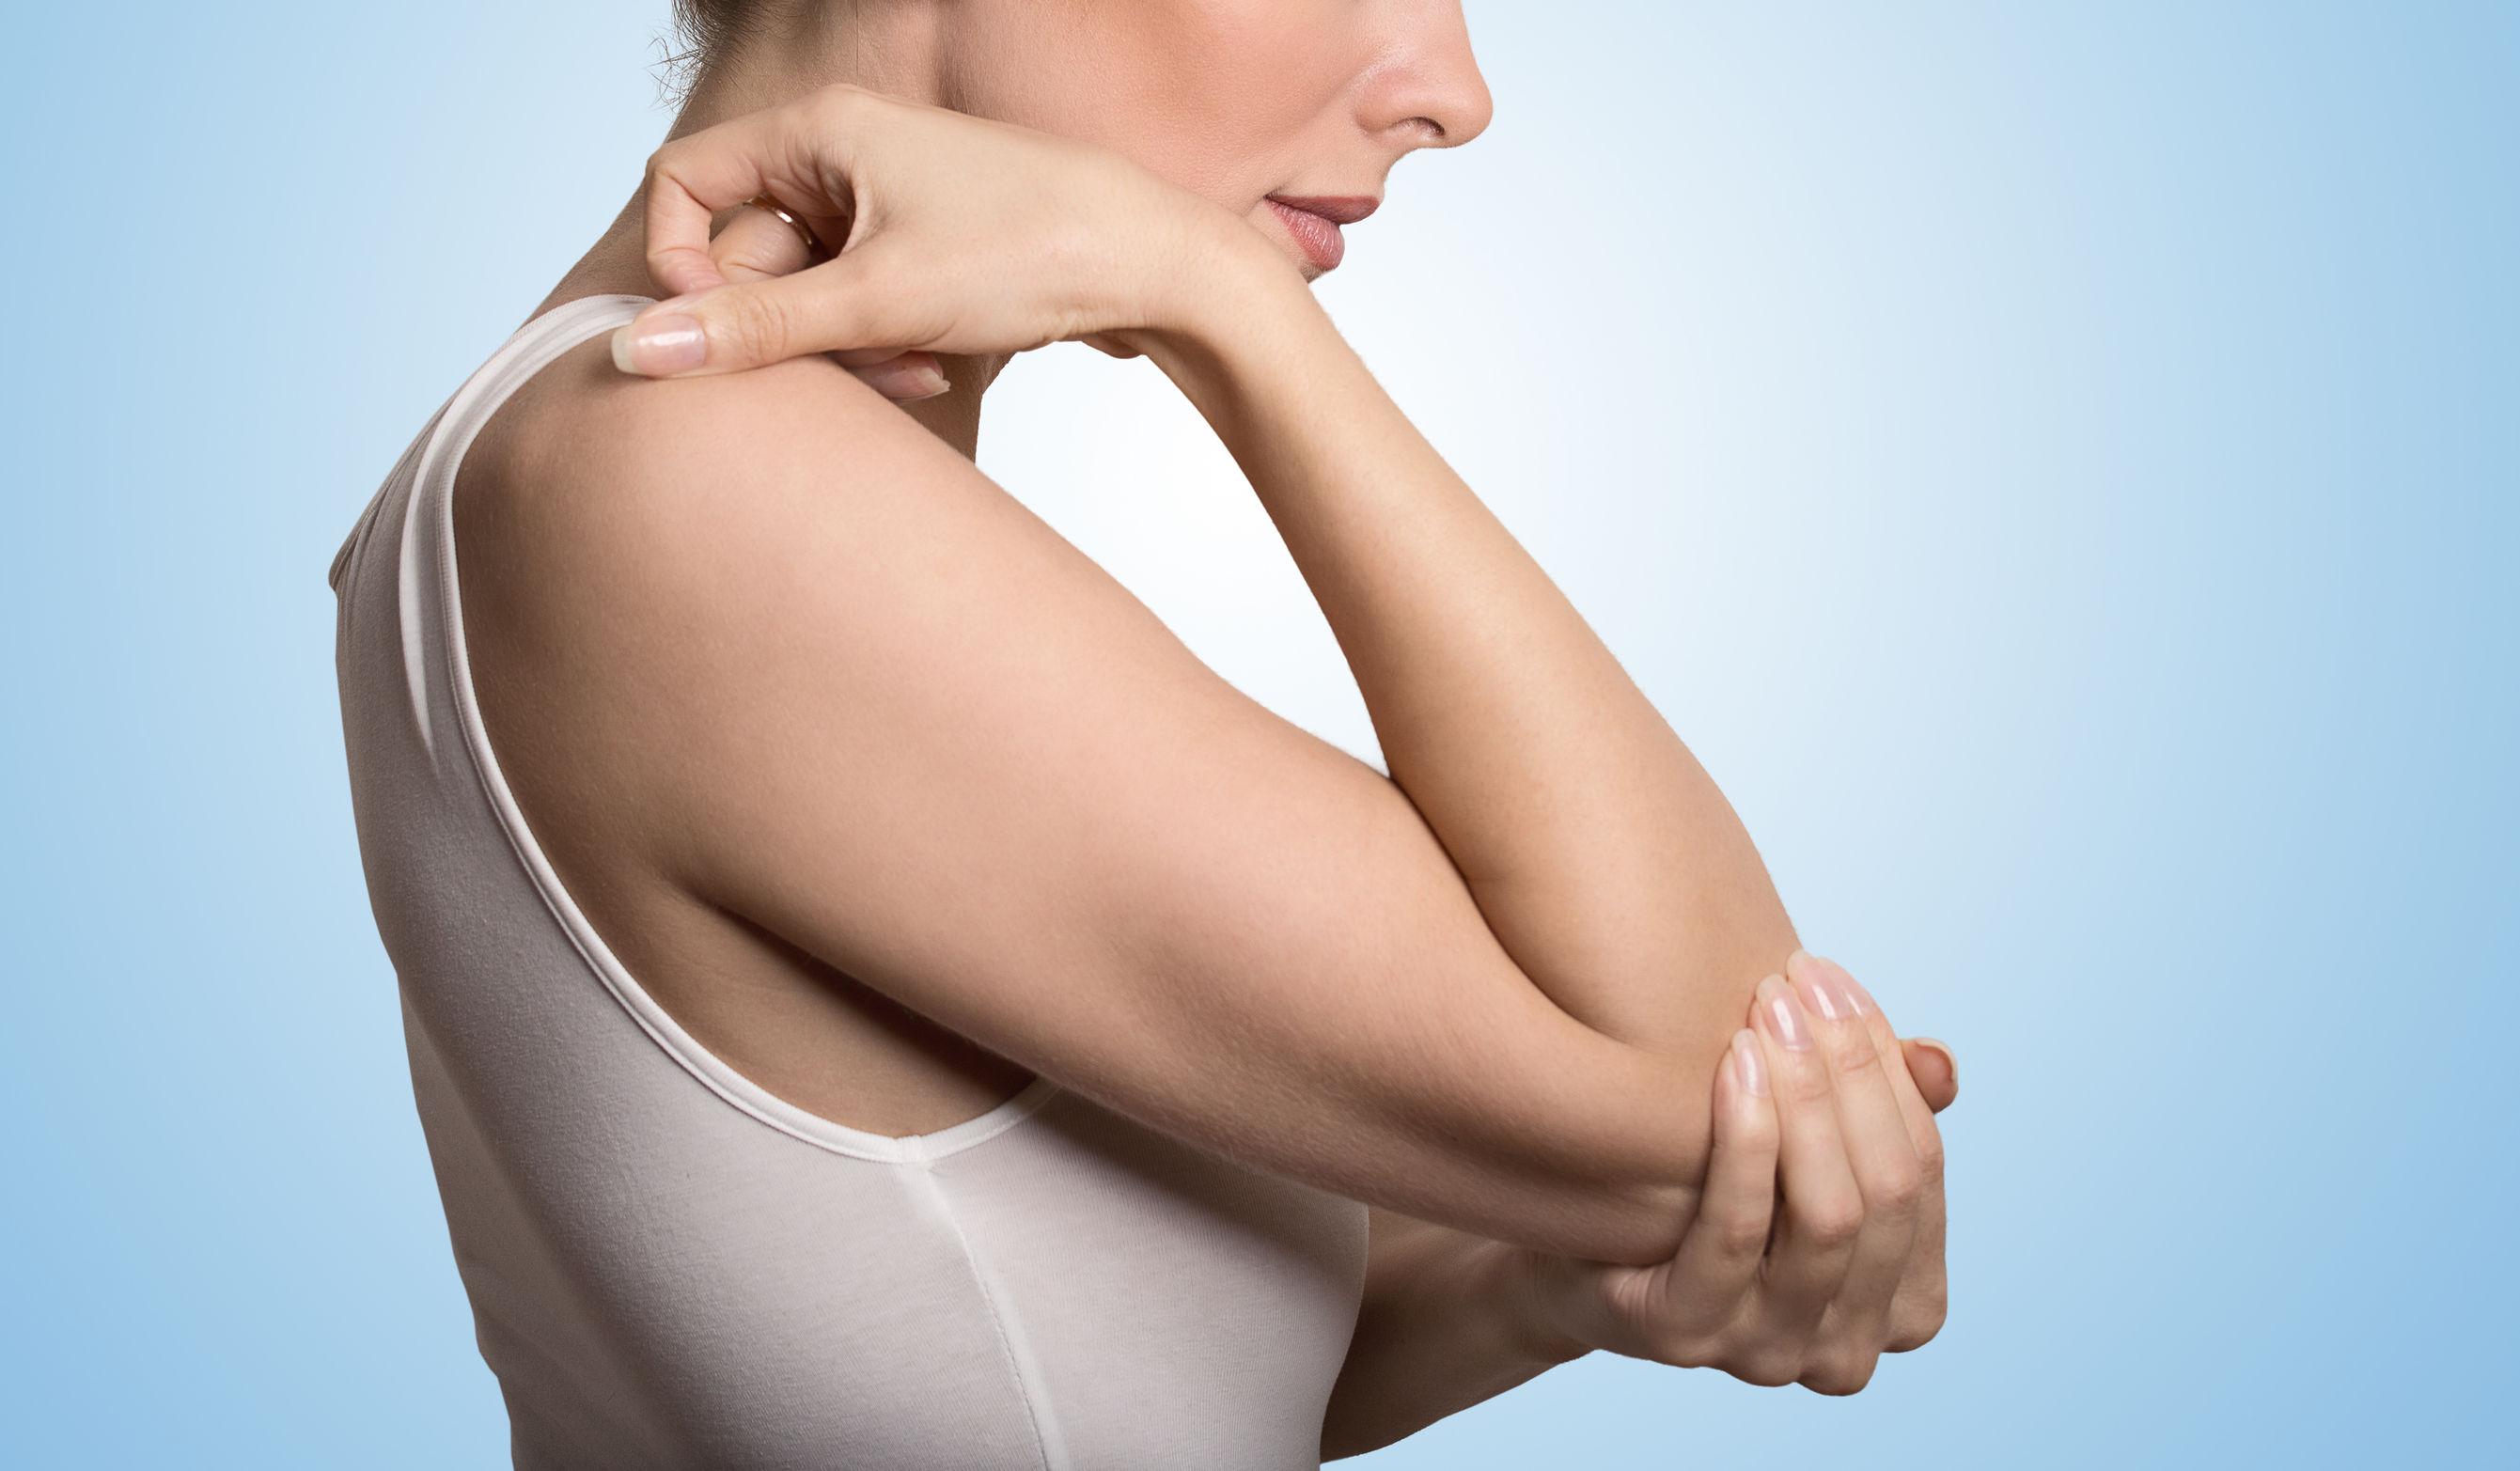 Izületi kopás, vagy autoimmun betegség miatt fájnak az izületei?